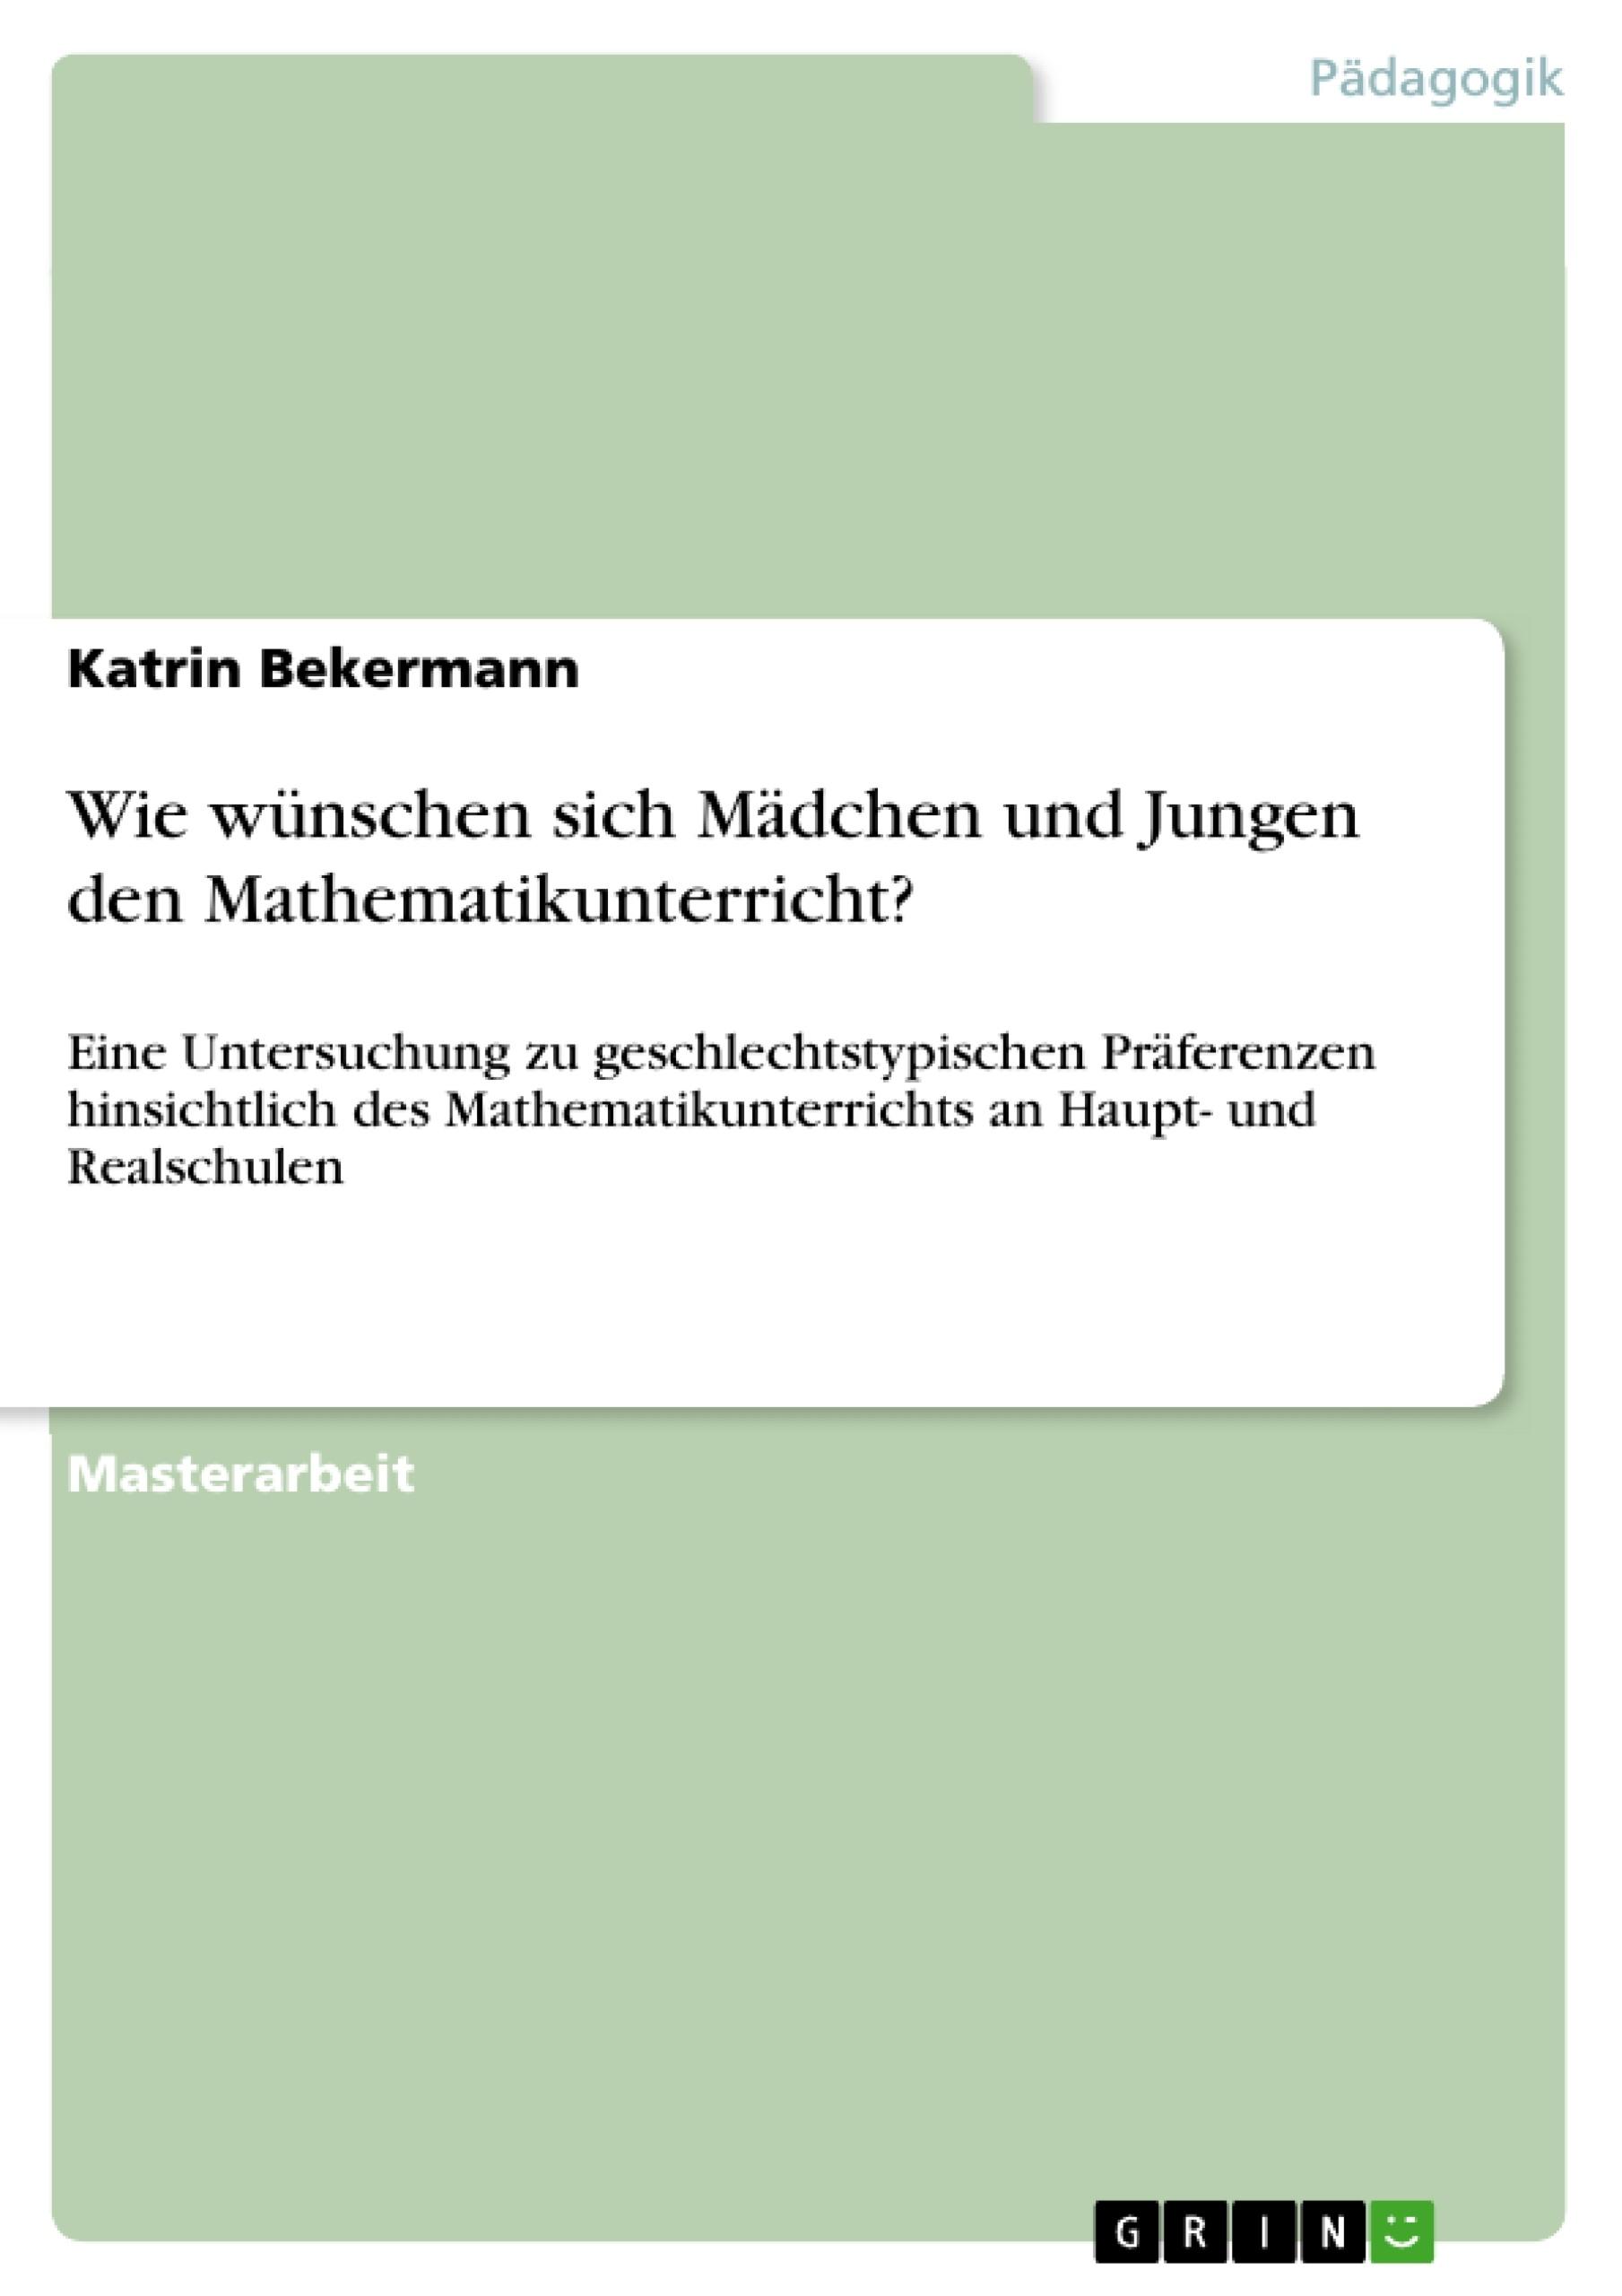 Titel: Wie wünschen sich Mädchen und Jungen den Mathematikunterricht?